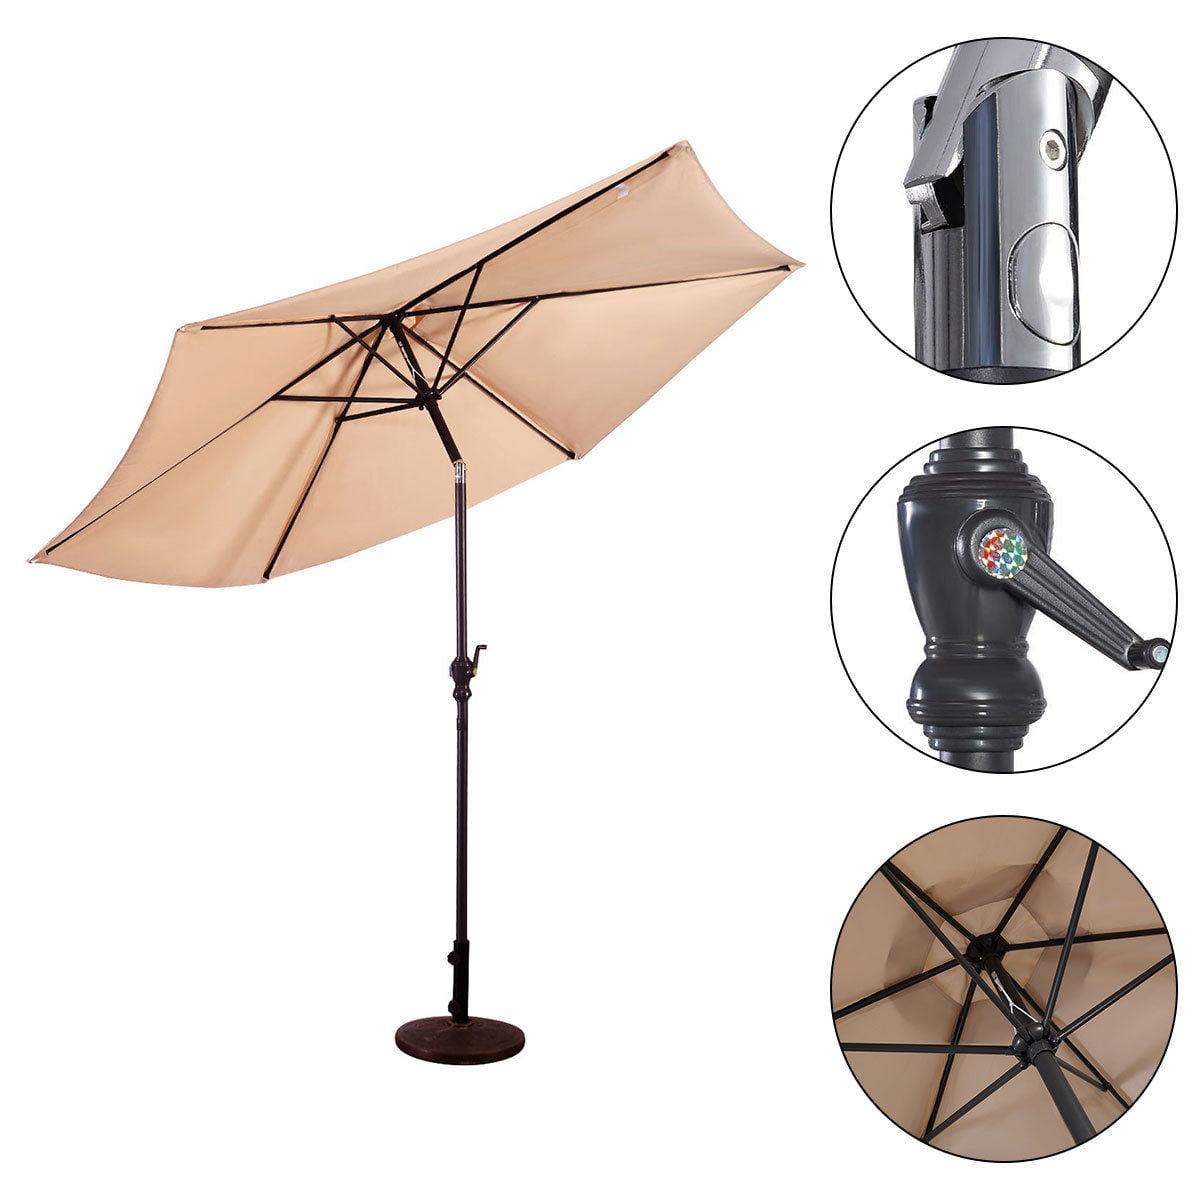 Costway 10FT Patio Umbrella 6 Ribs Market Steel Tilt W/ Crank Outdoor Garden Beige